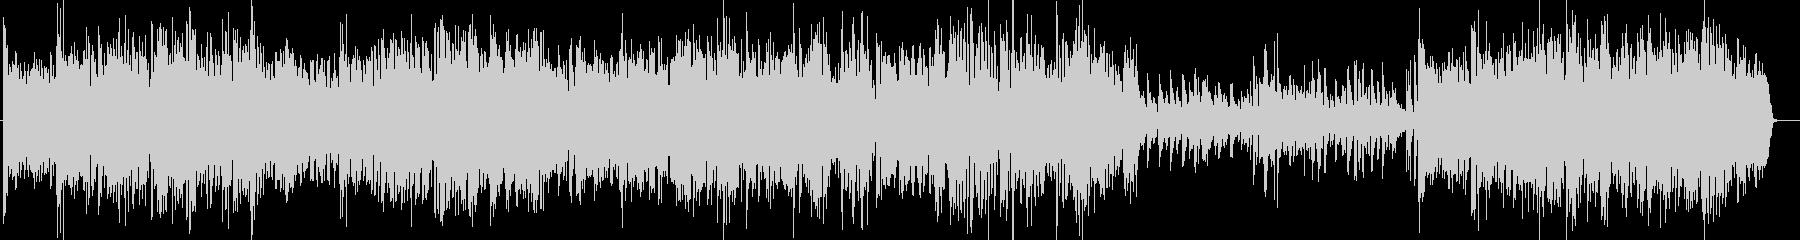 ビッグバンドジャズG線上のアリアBachの未再生の波形